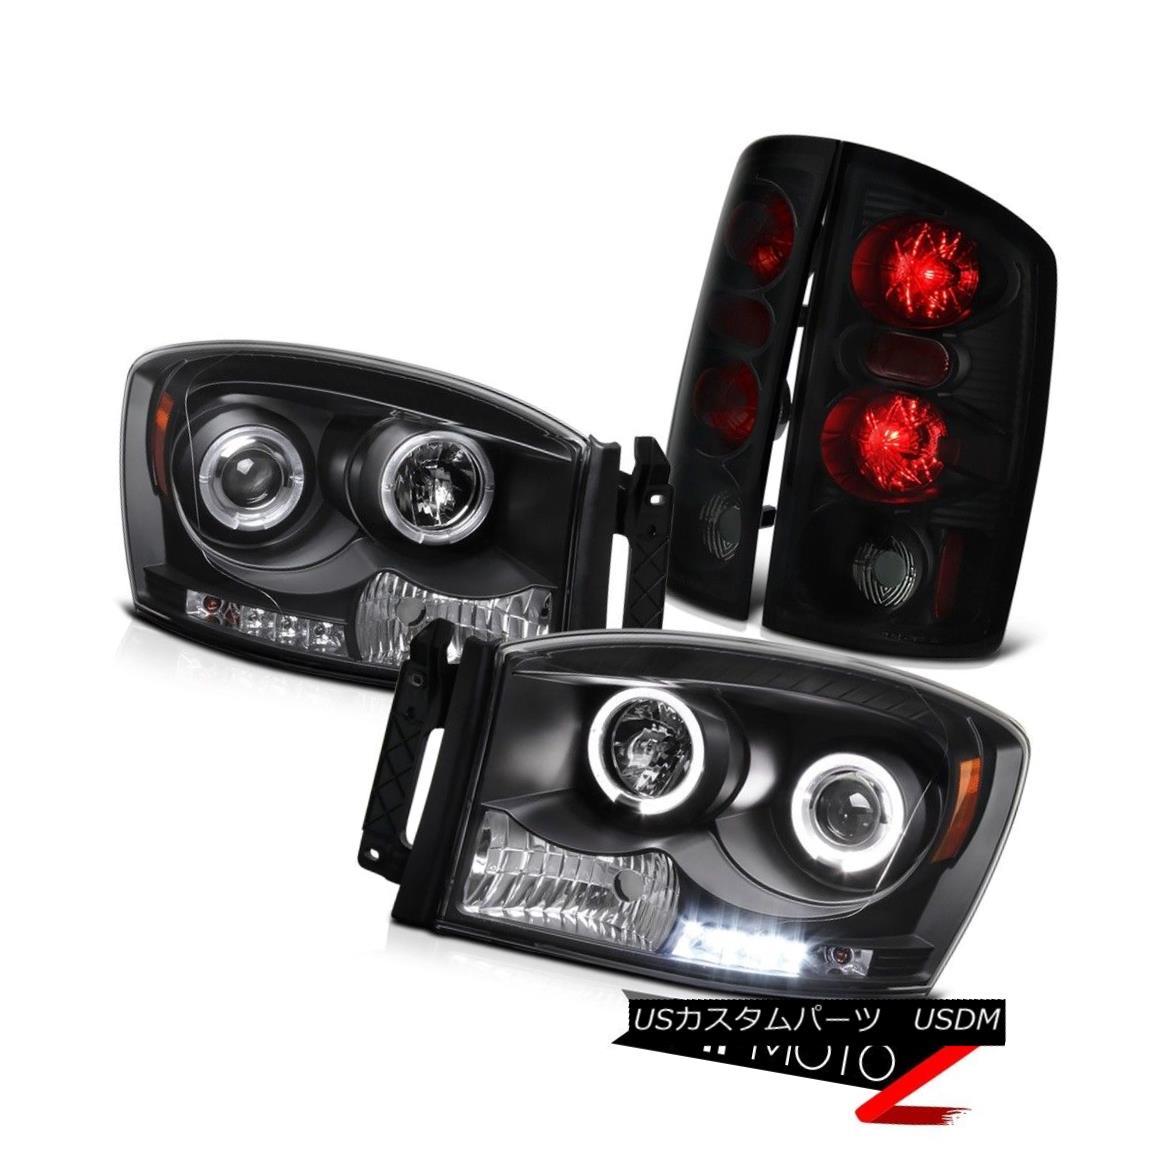 ヘッドライト Black Halo LED Projector Headlights+Smoke Tail Lights Signal Lamp Dodge Ram 2006 ブラックハローLEDプロジェクターヘッドライト+スモー keテールライト信号ランプDodge Ram 2006